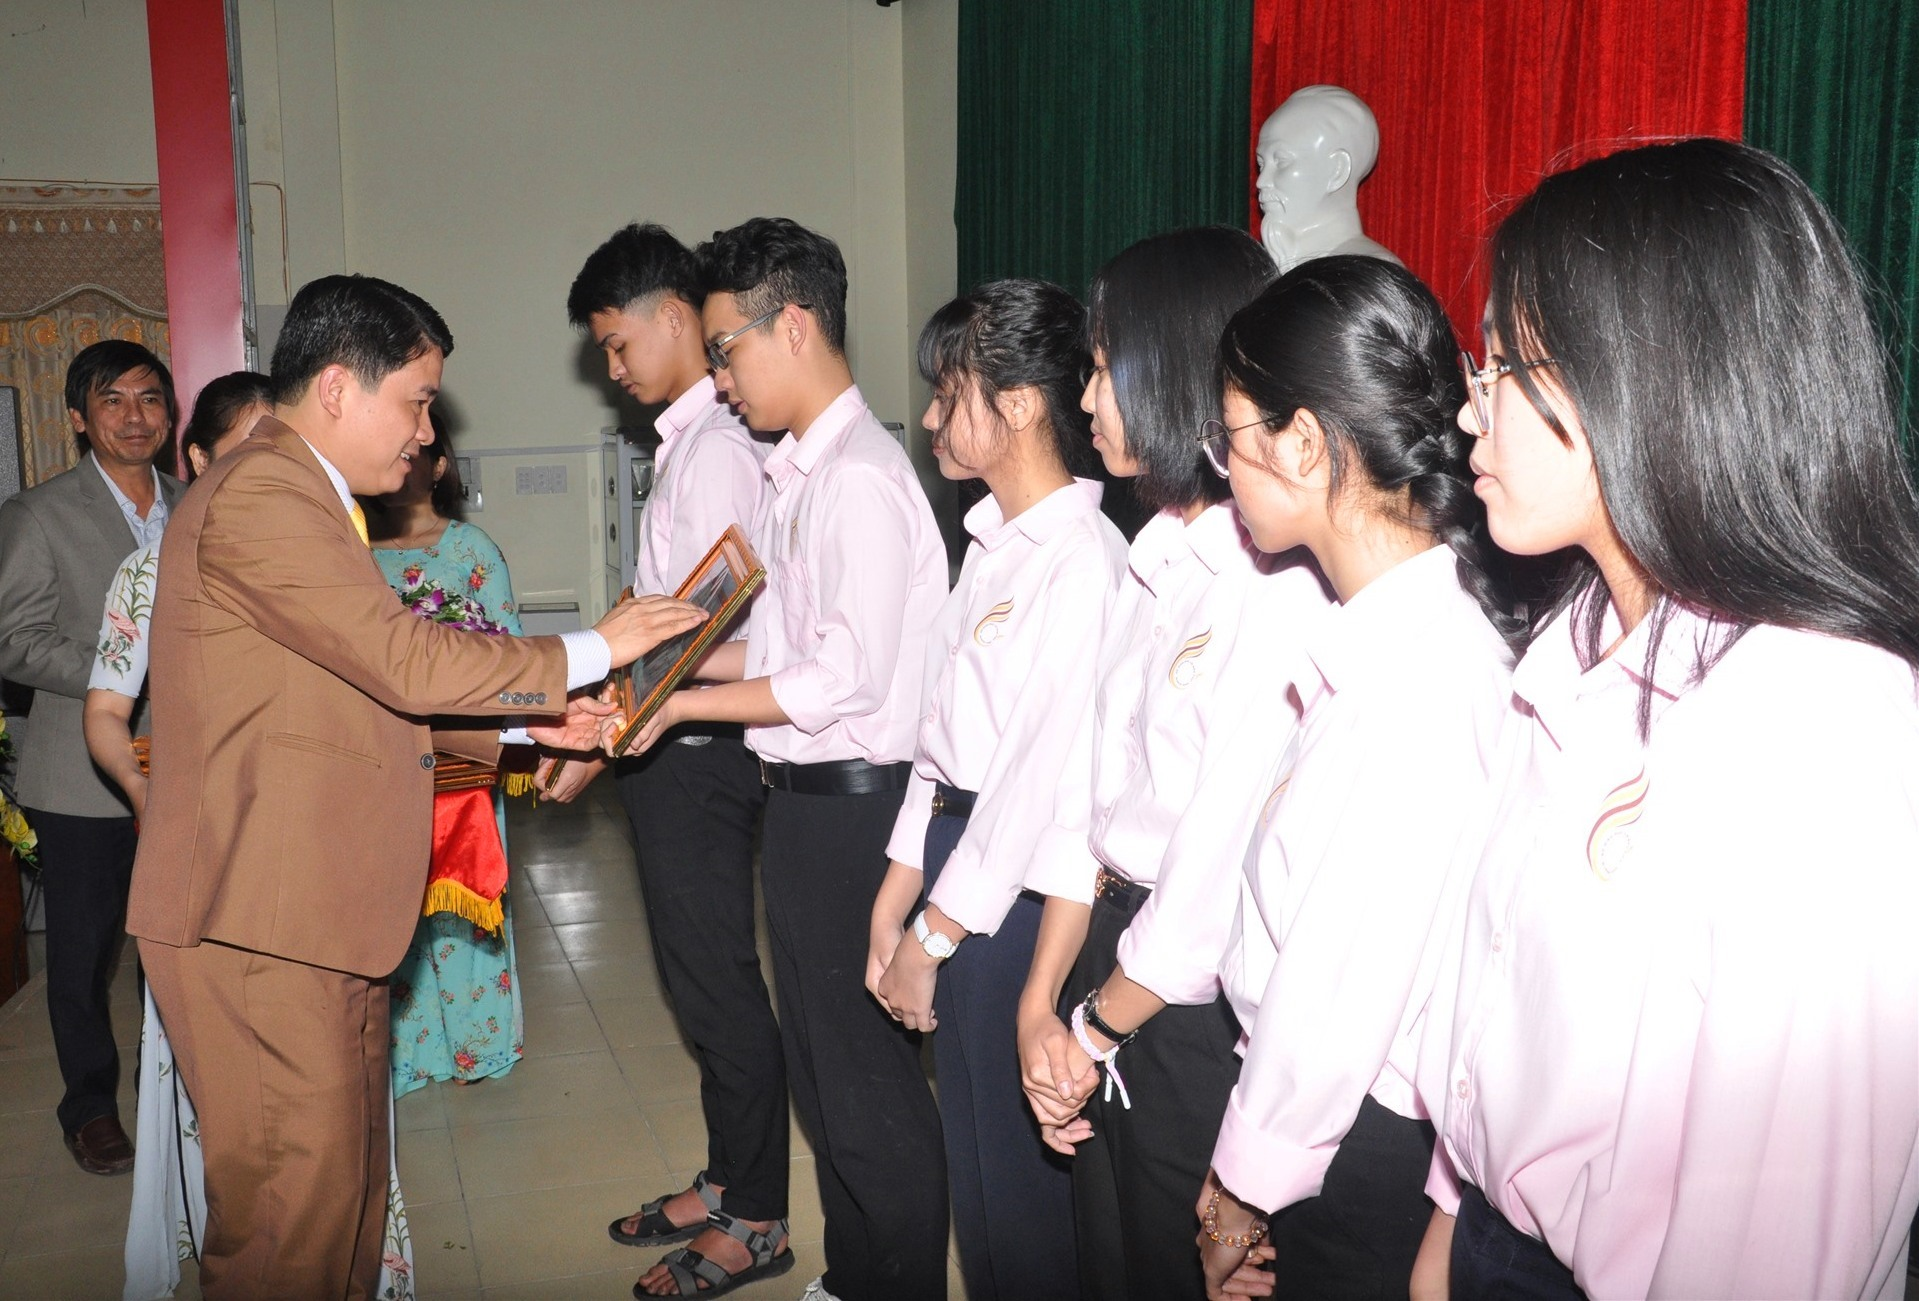 Phó Chủ tịch UBND tỉnh Trần Văn Tân tặng bằng khen cho cac em học sinh đoạt giải nhì. Ảnh: X.P